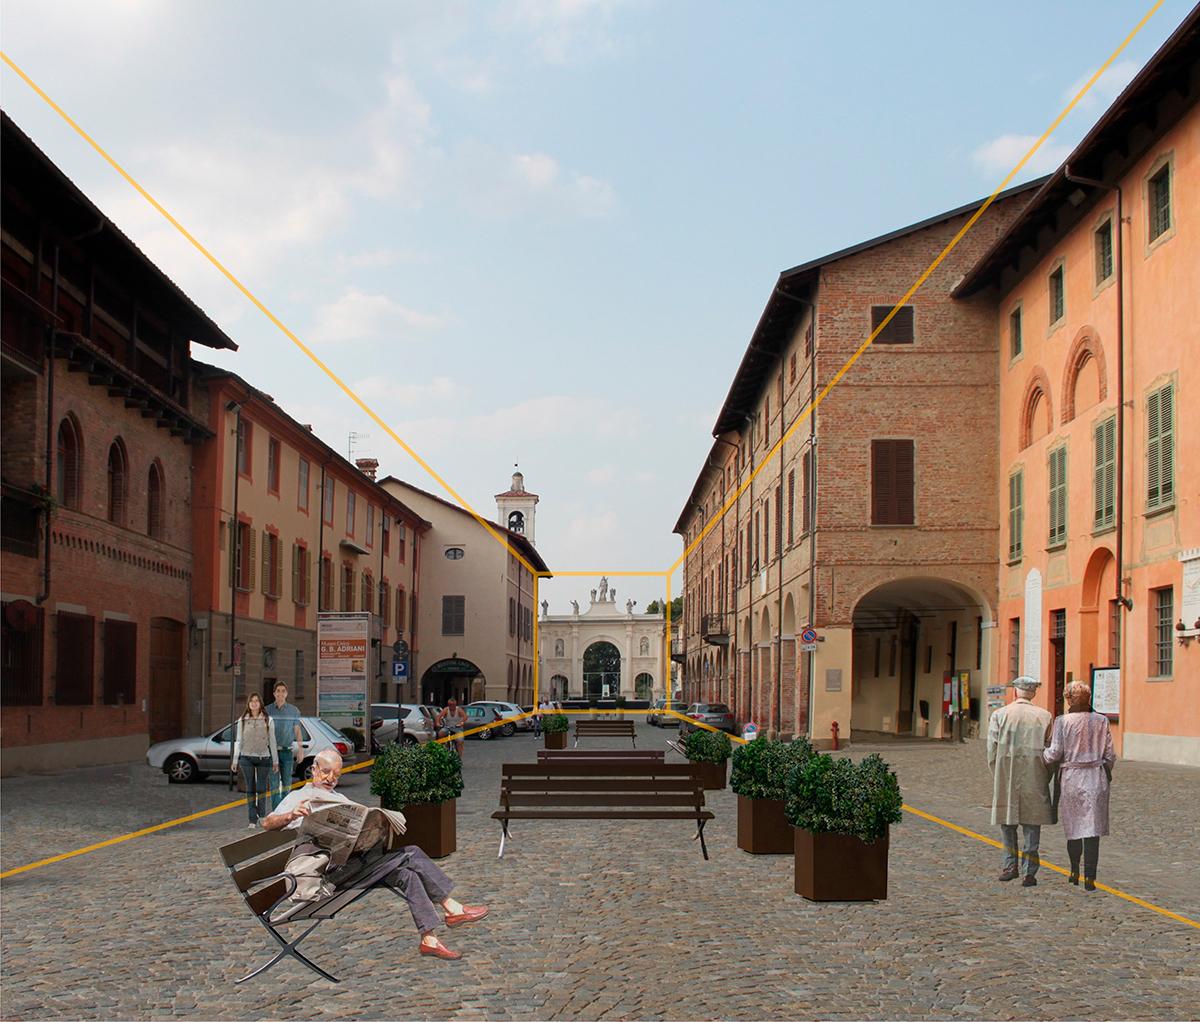 DAR-Architettura_Piano-dell_arredo-urbano02